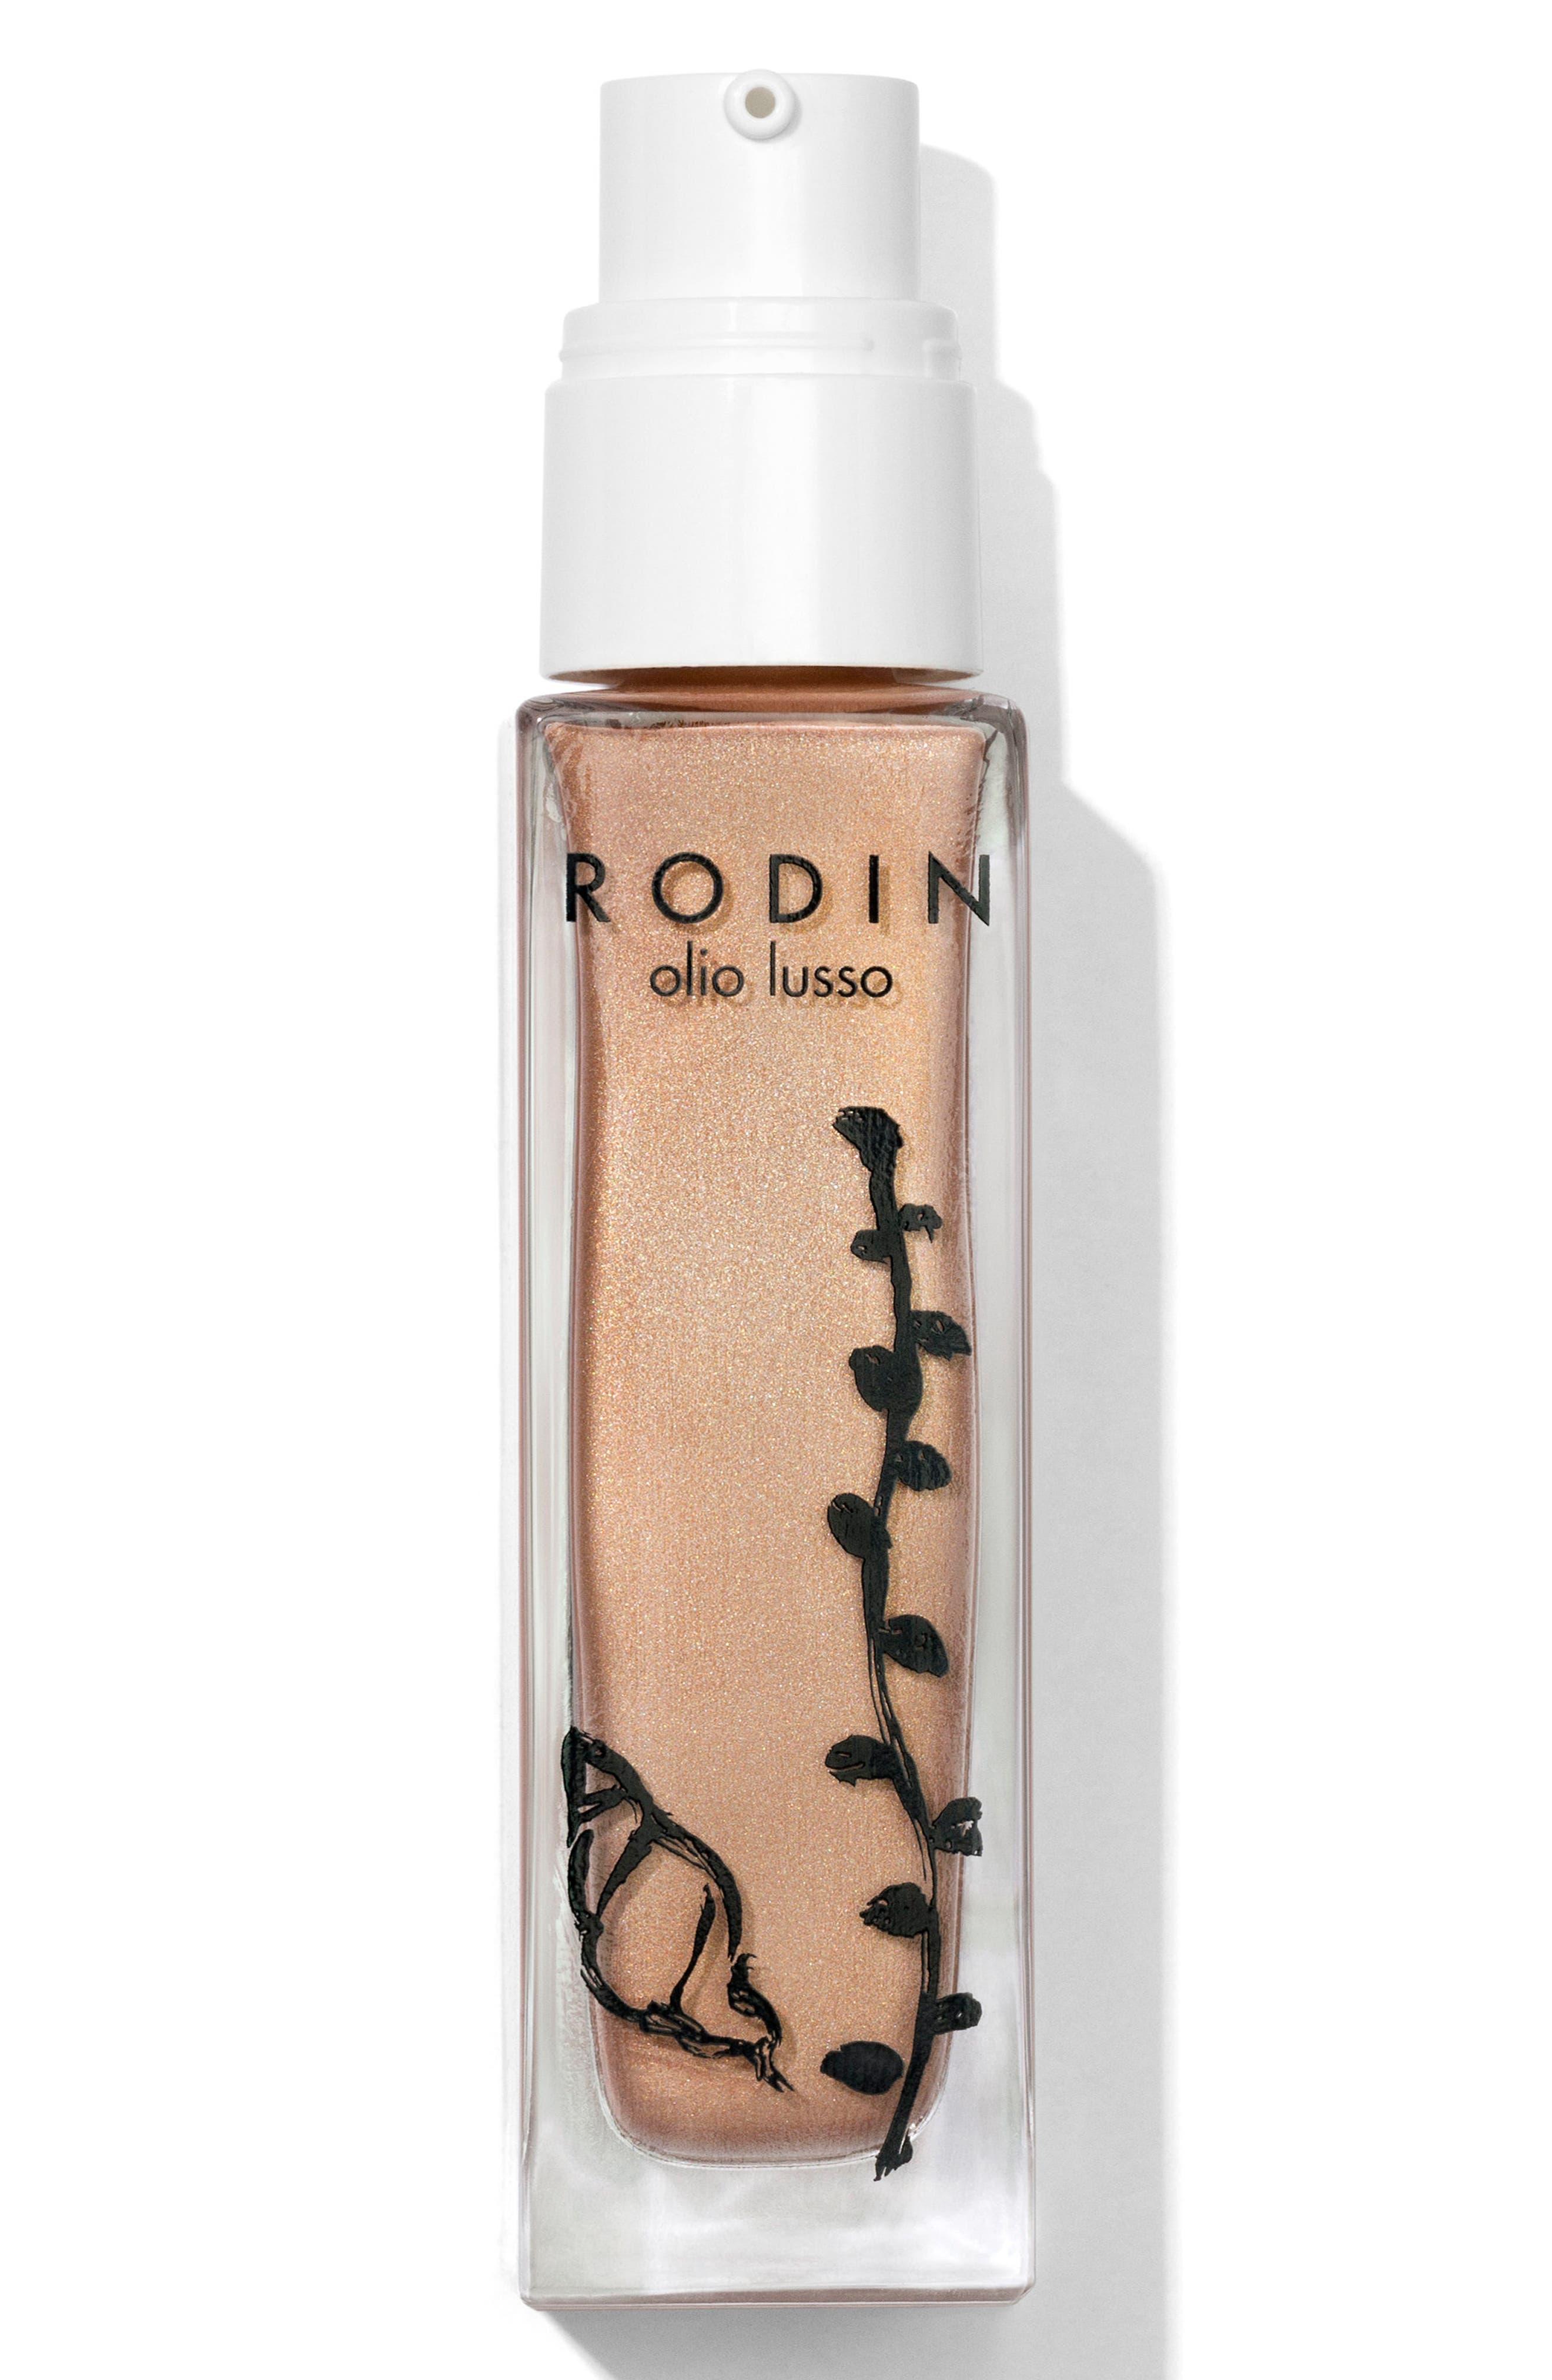 RODIN olio lusso Luxury Illuminating Liquid